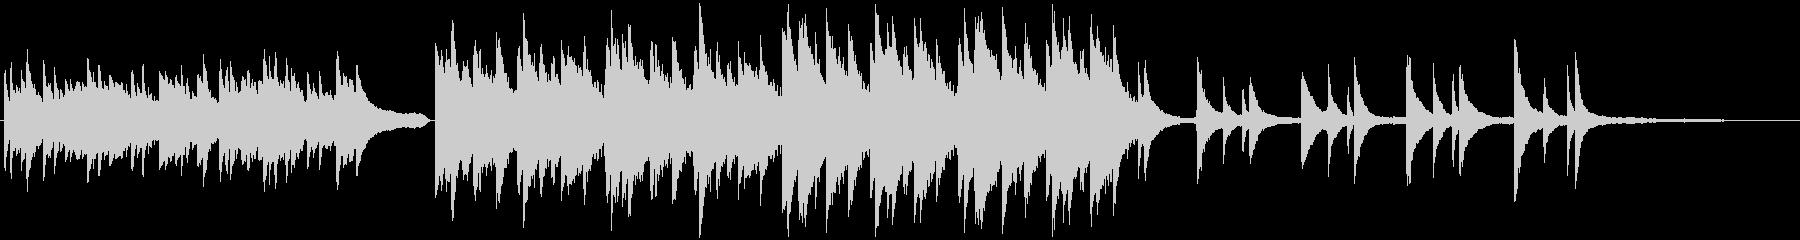 哀愁感のあるピアノのBGMの未再生の波形